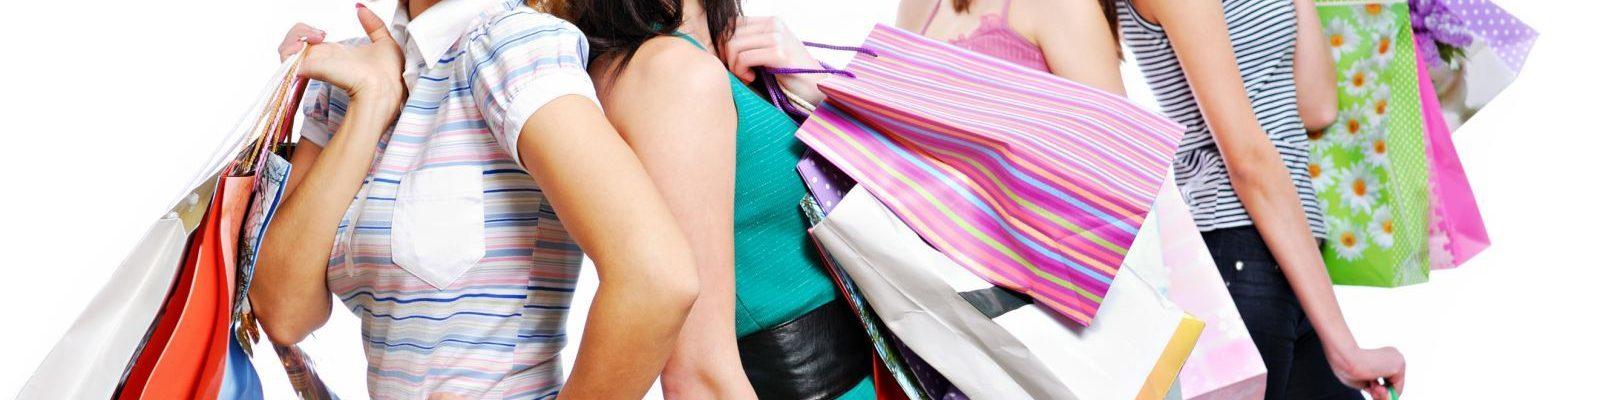 unnamed file 1600x400 - Распродажа: чем стоит пополнить свой гардероб в сезон скидок